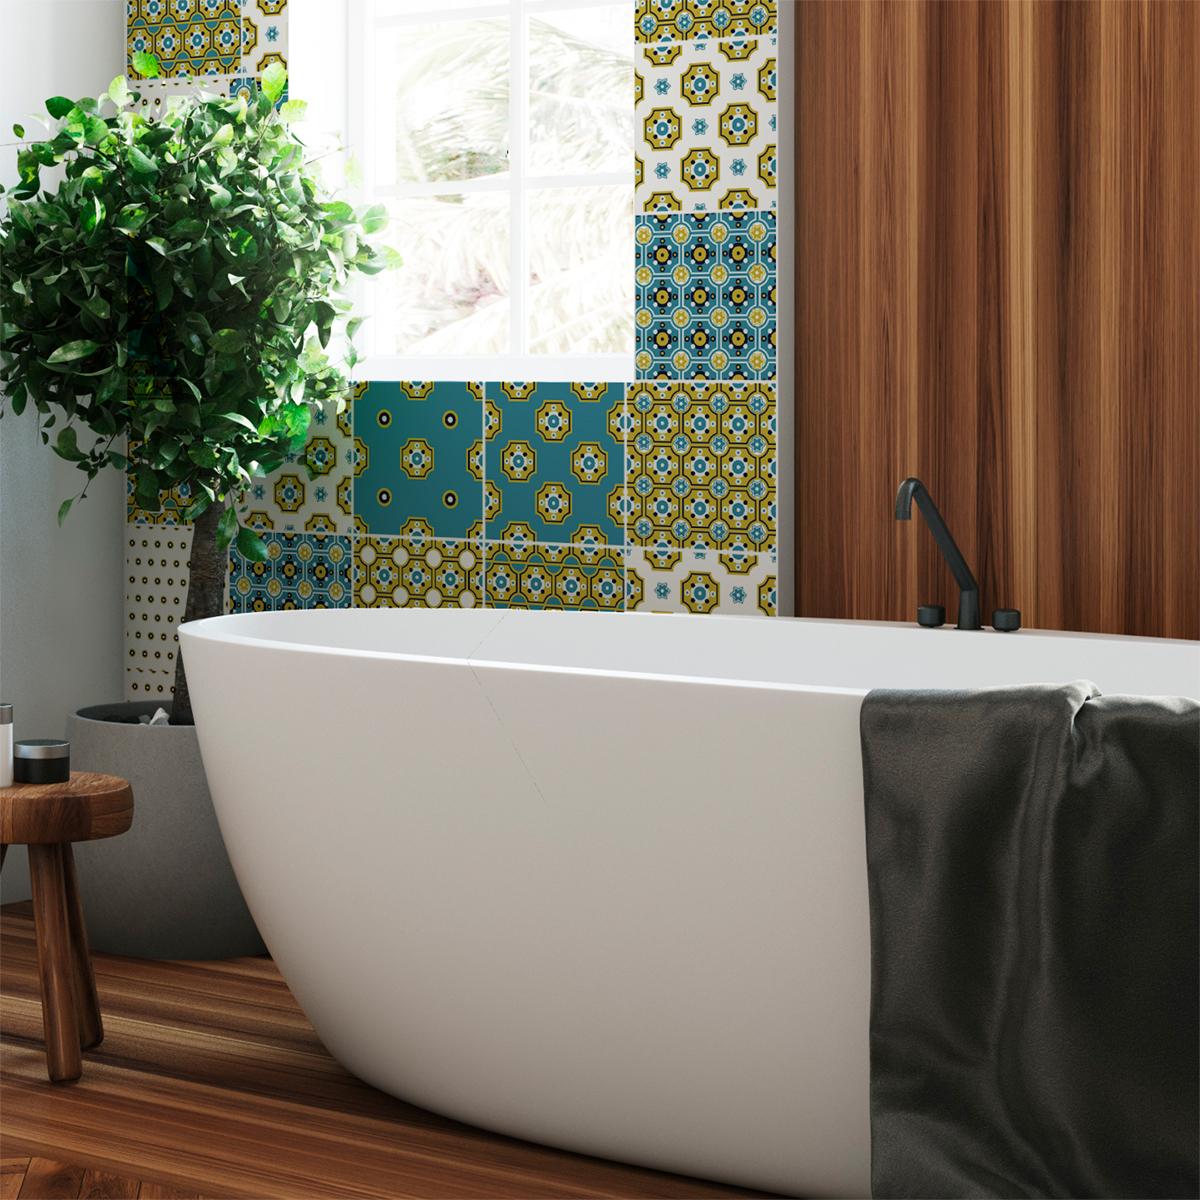 Salle De Bain Kohler ~ salle de bain suedoise awesome le finlandais personnes with salle